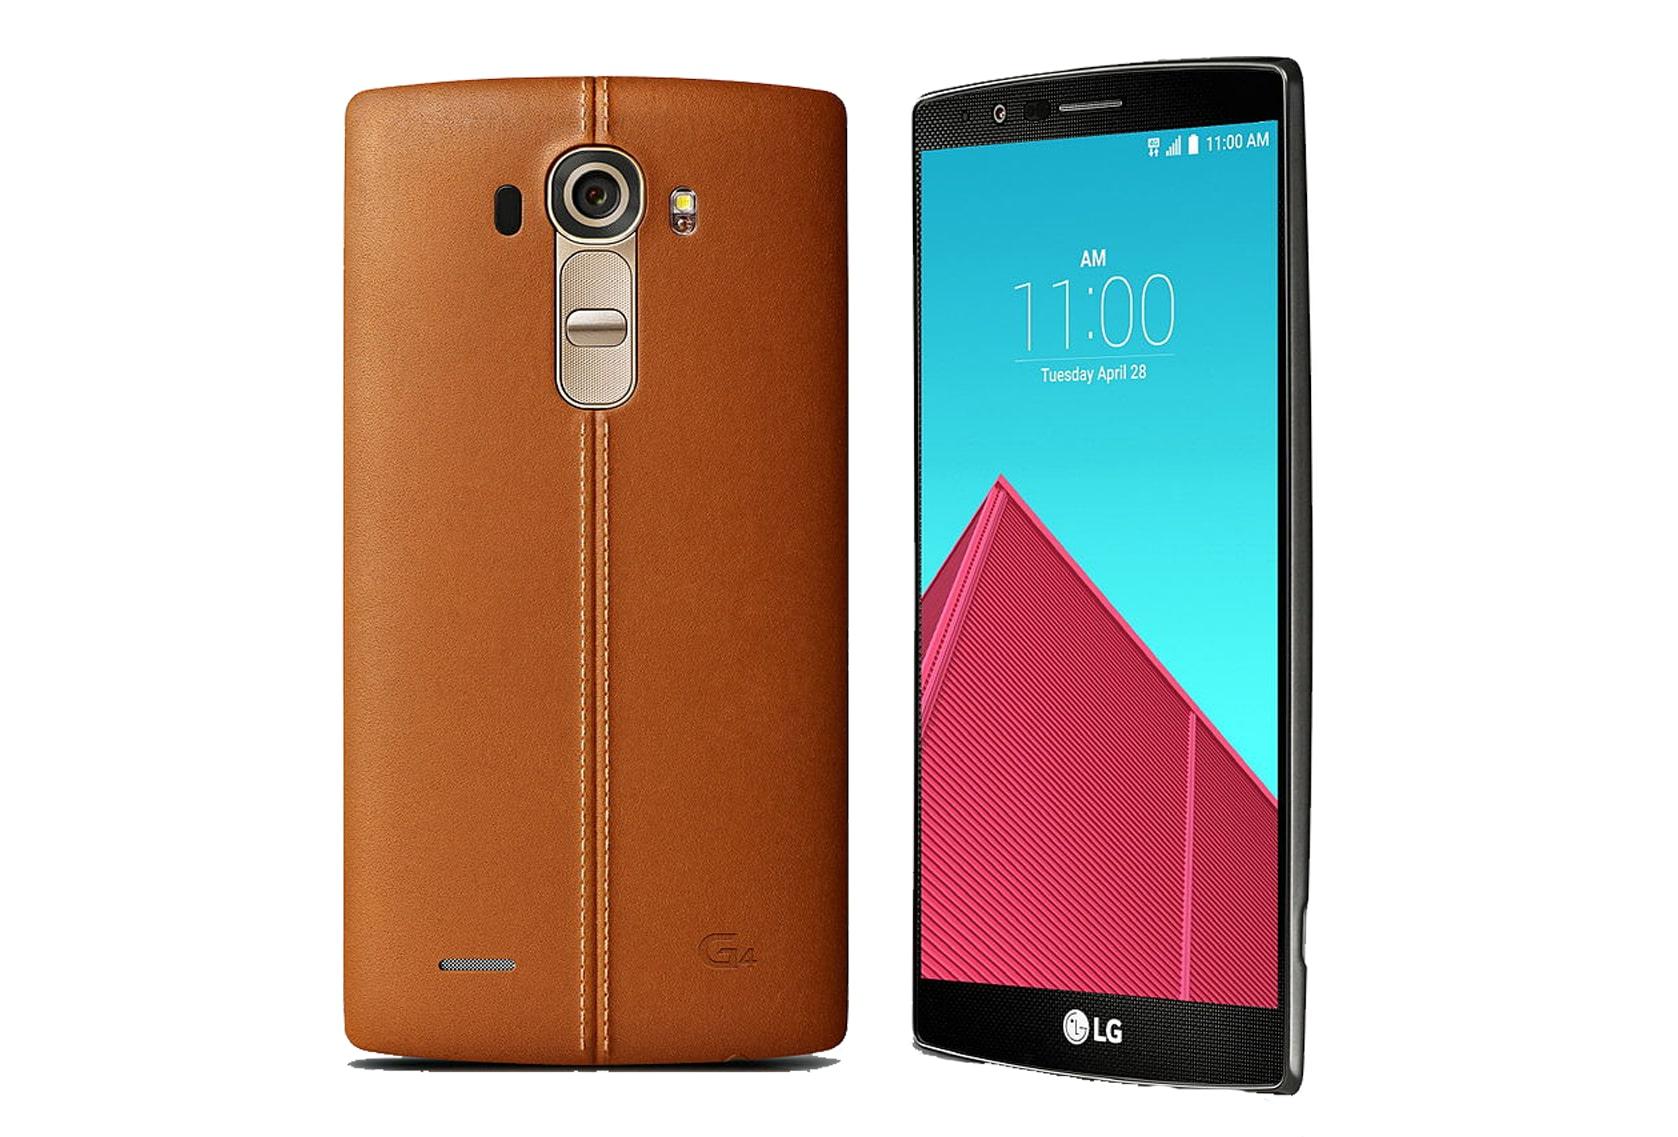 LG G4 Brown-Edition mit Lederrückseite.